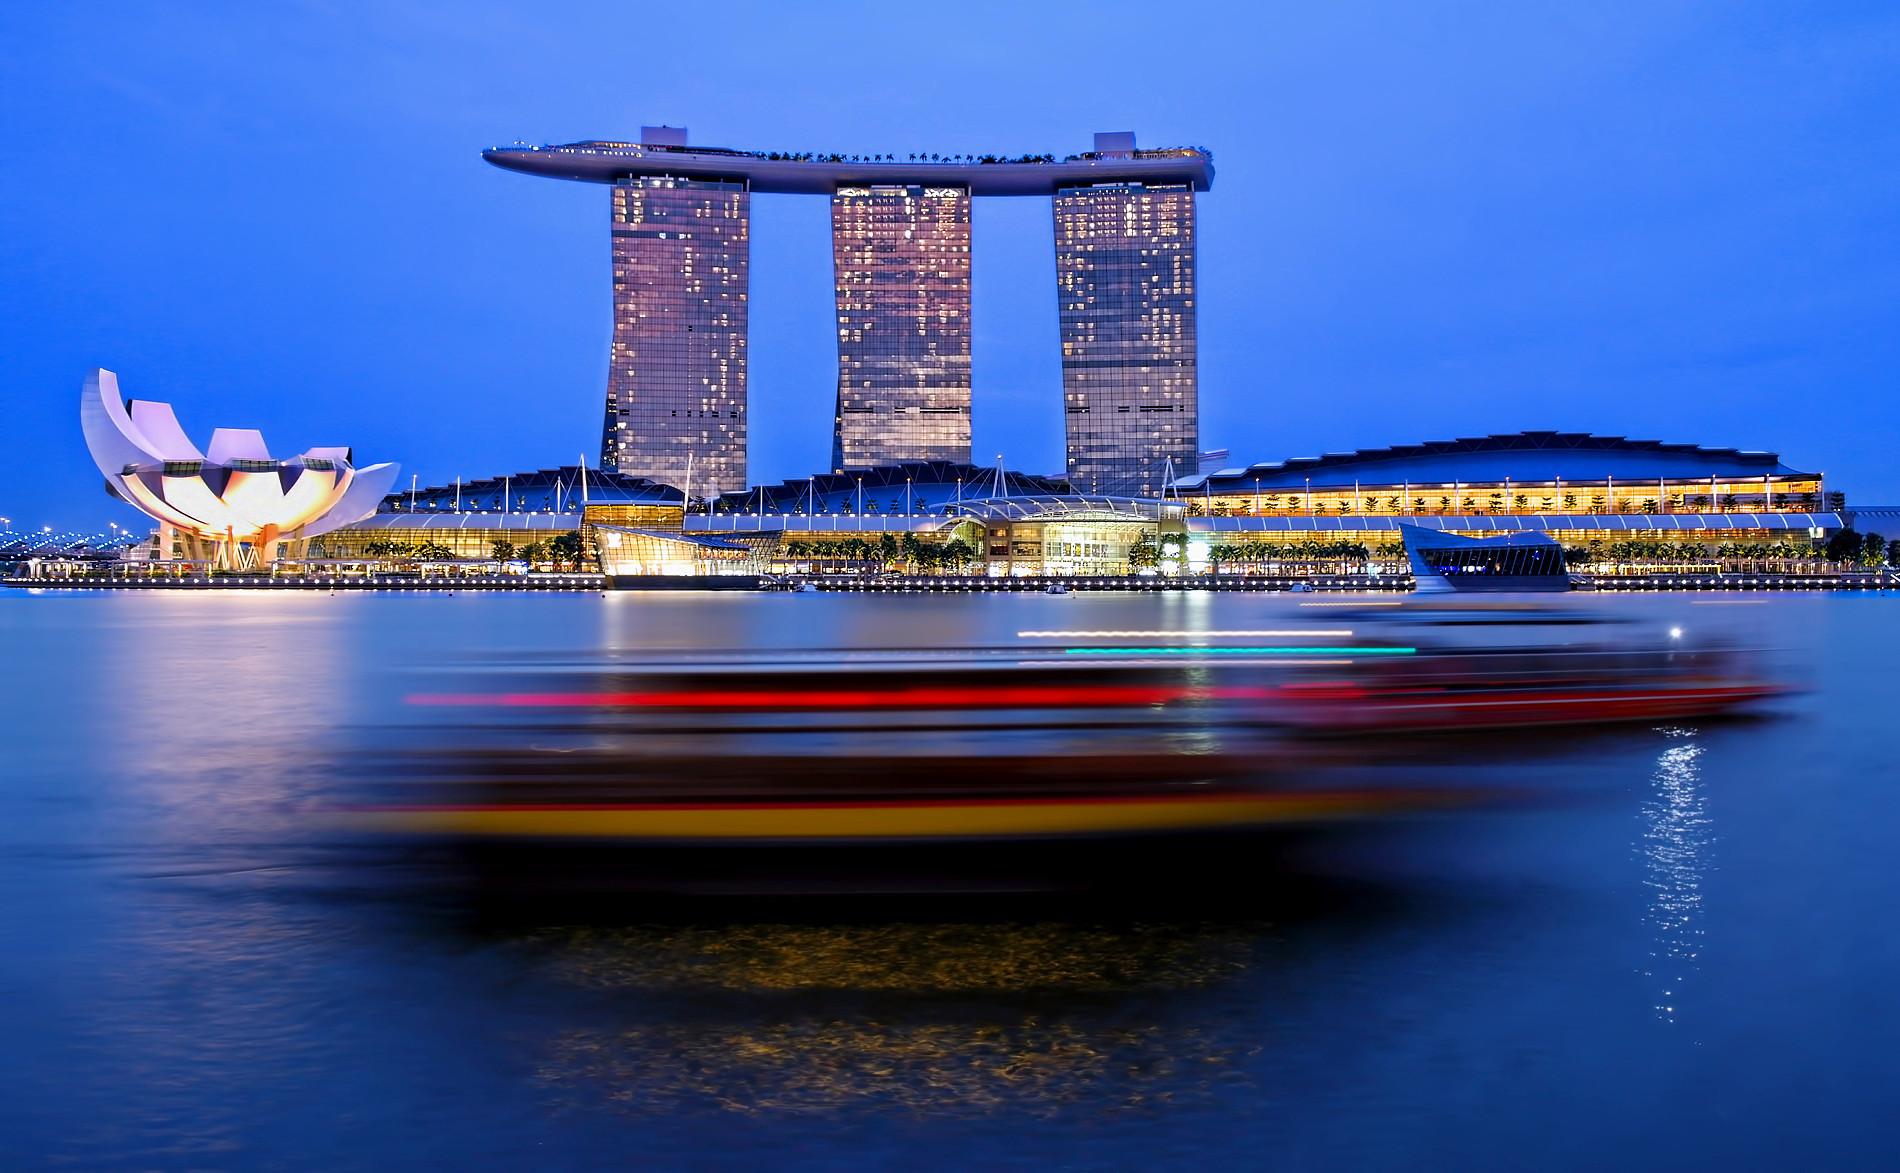 Singapore Marina Bay blue hour